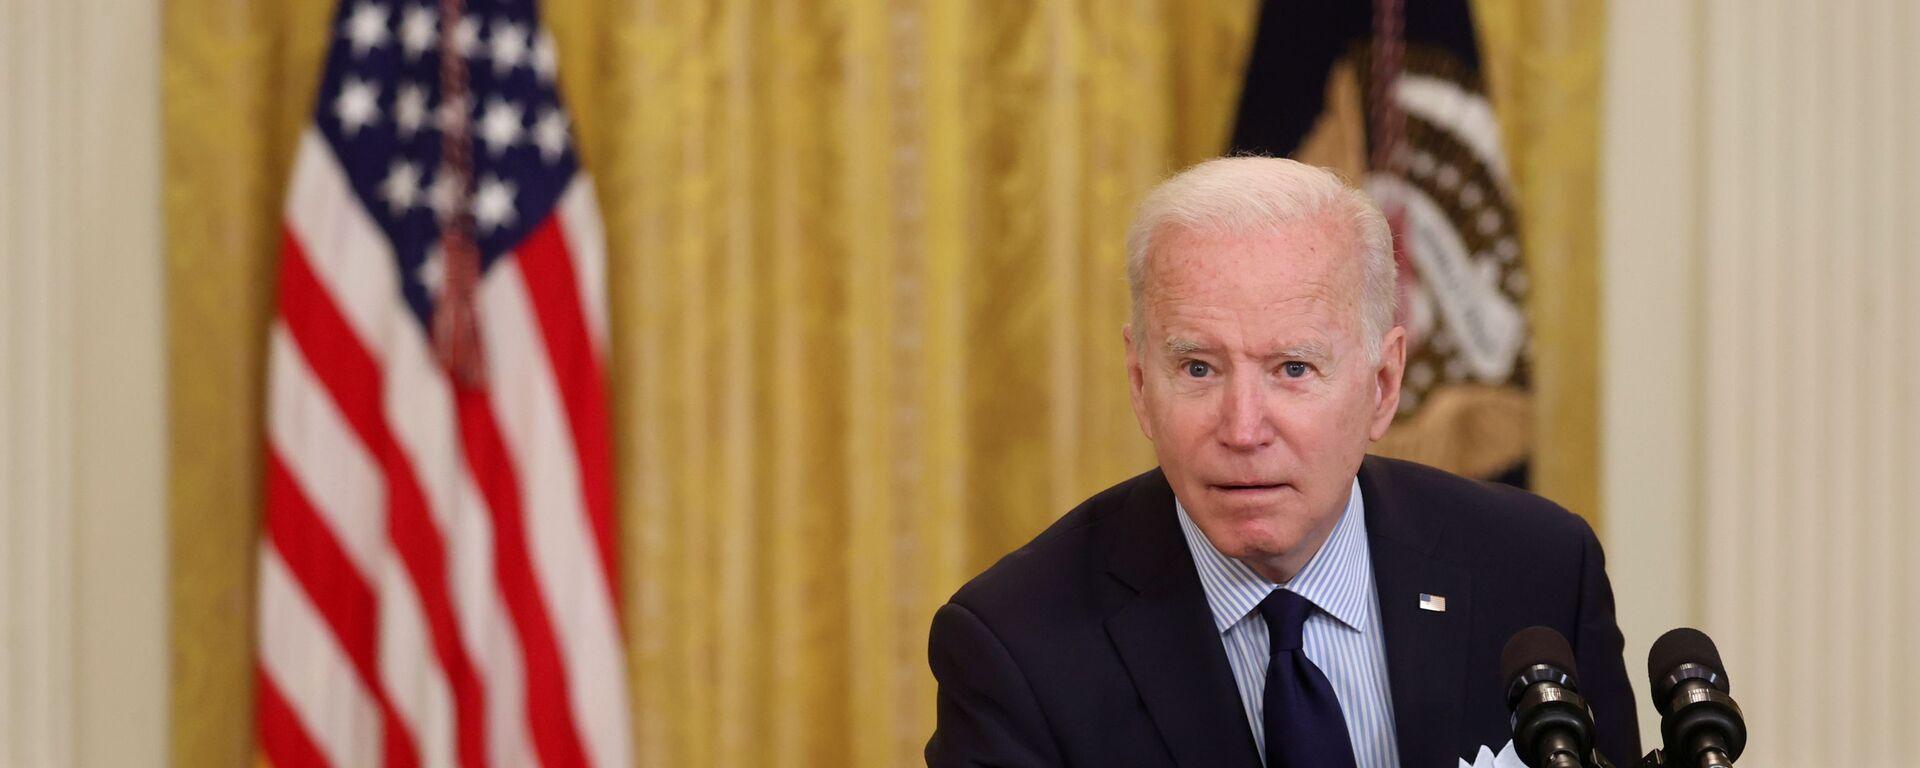 Prezydent Stanów Zjednoczonych Joe Biden - Sputnik Polska, 1920, 02.06.2021